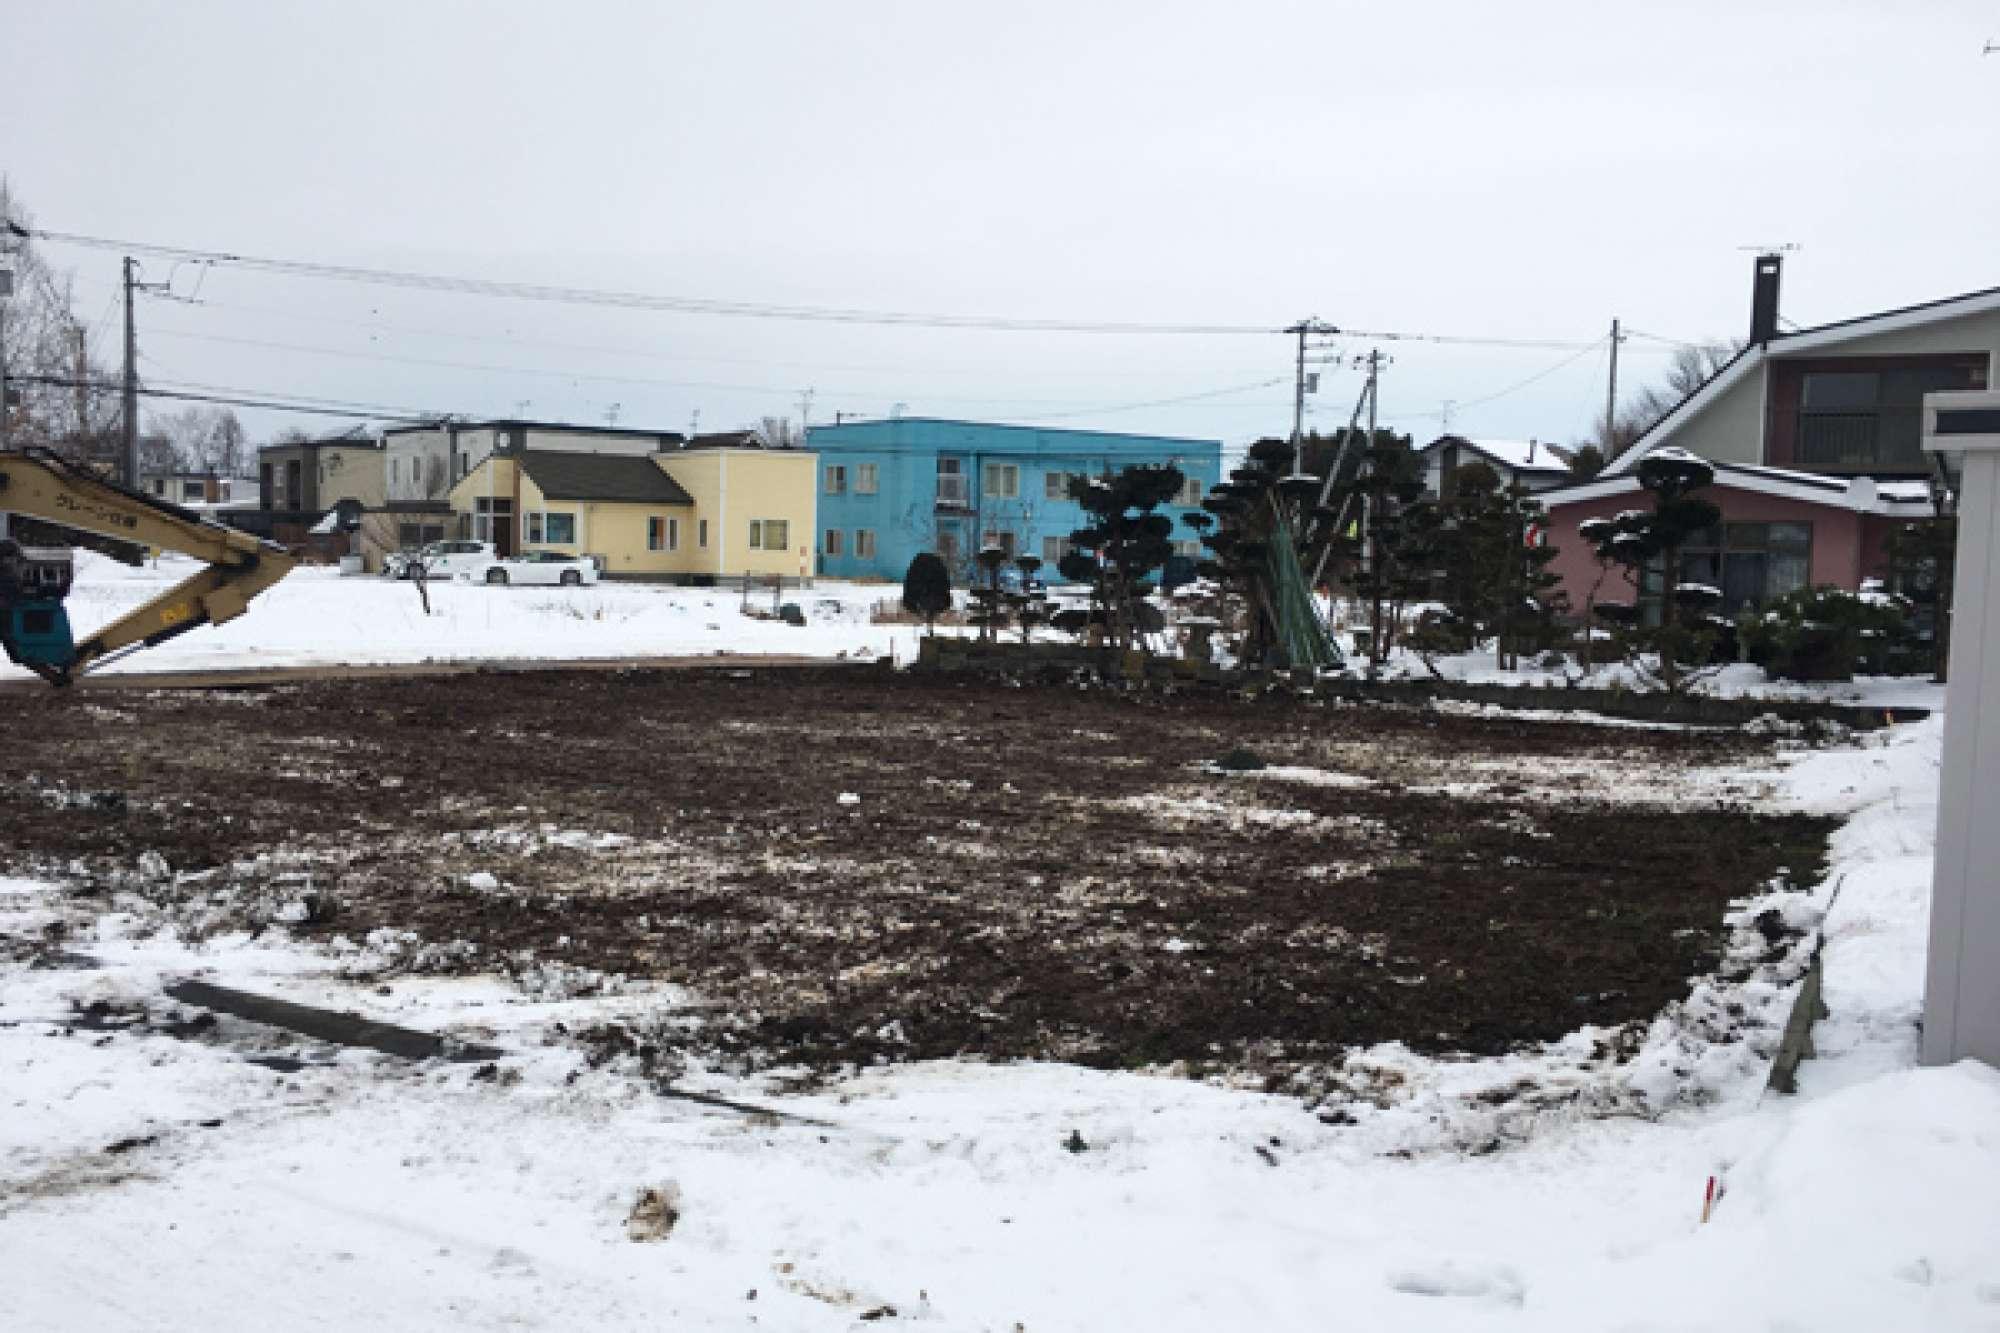 12月15日 土地整備 -  -  -